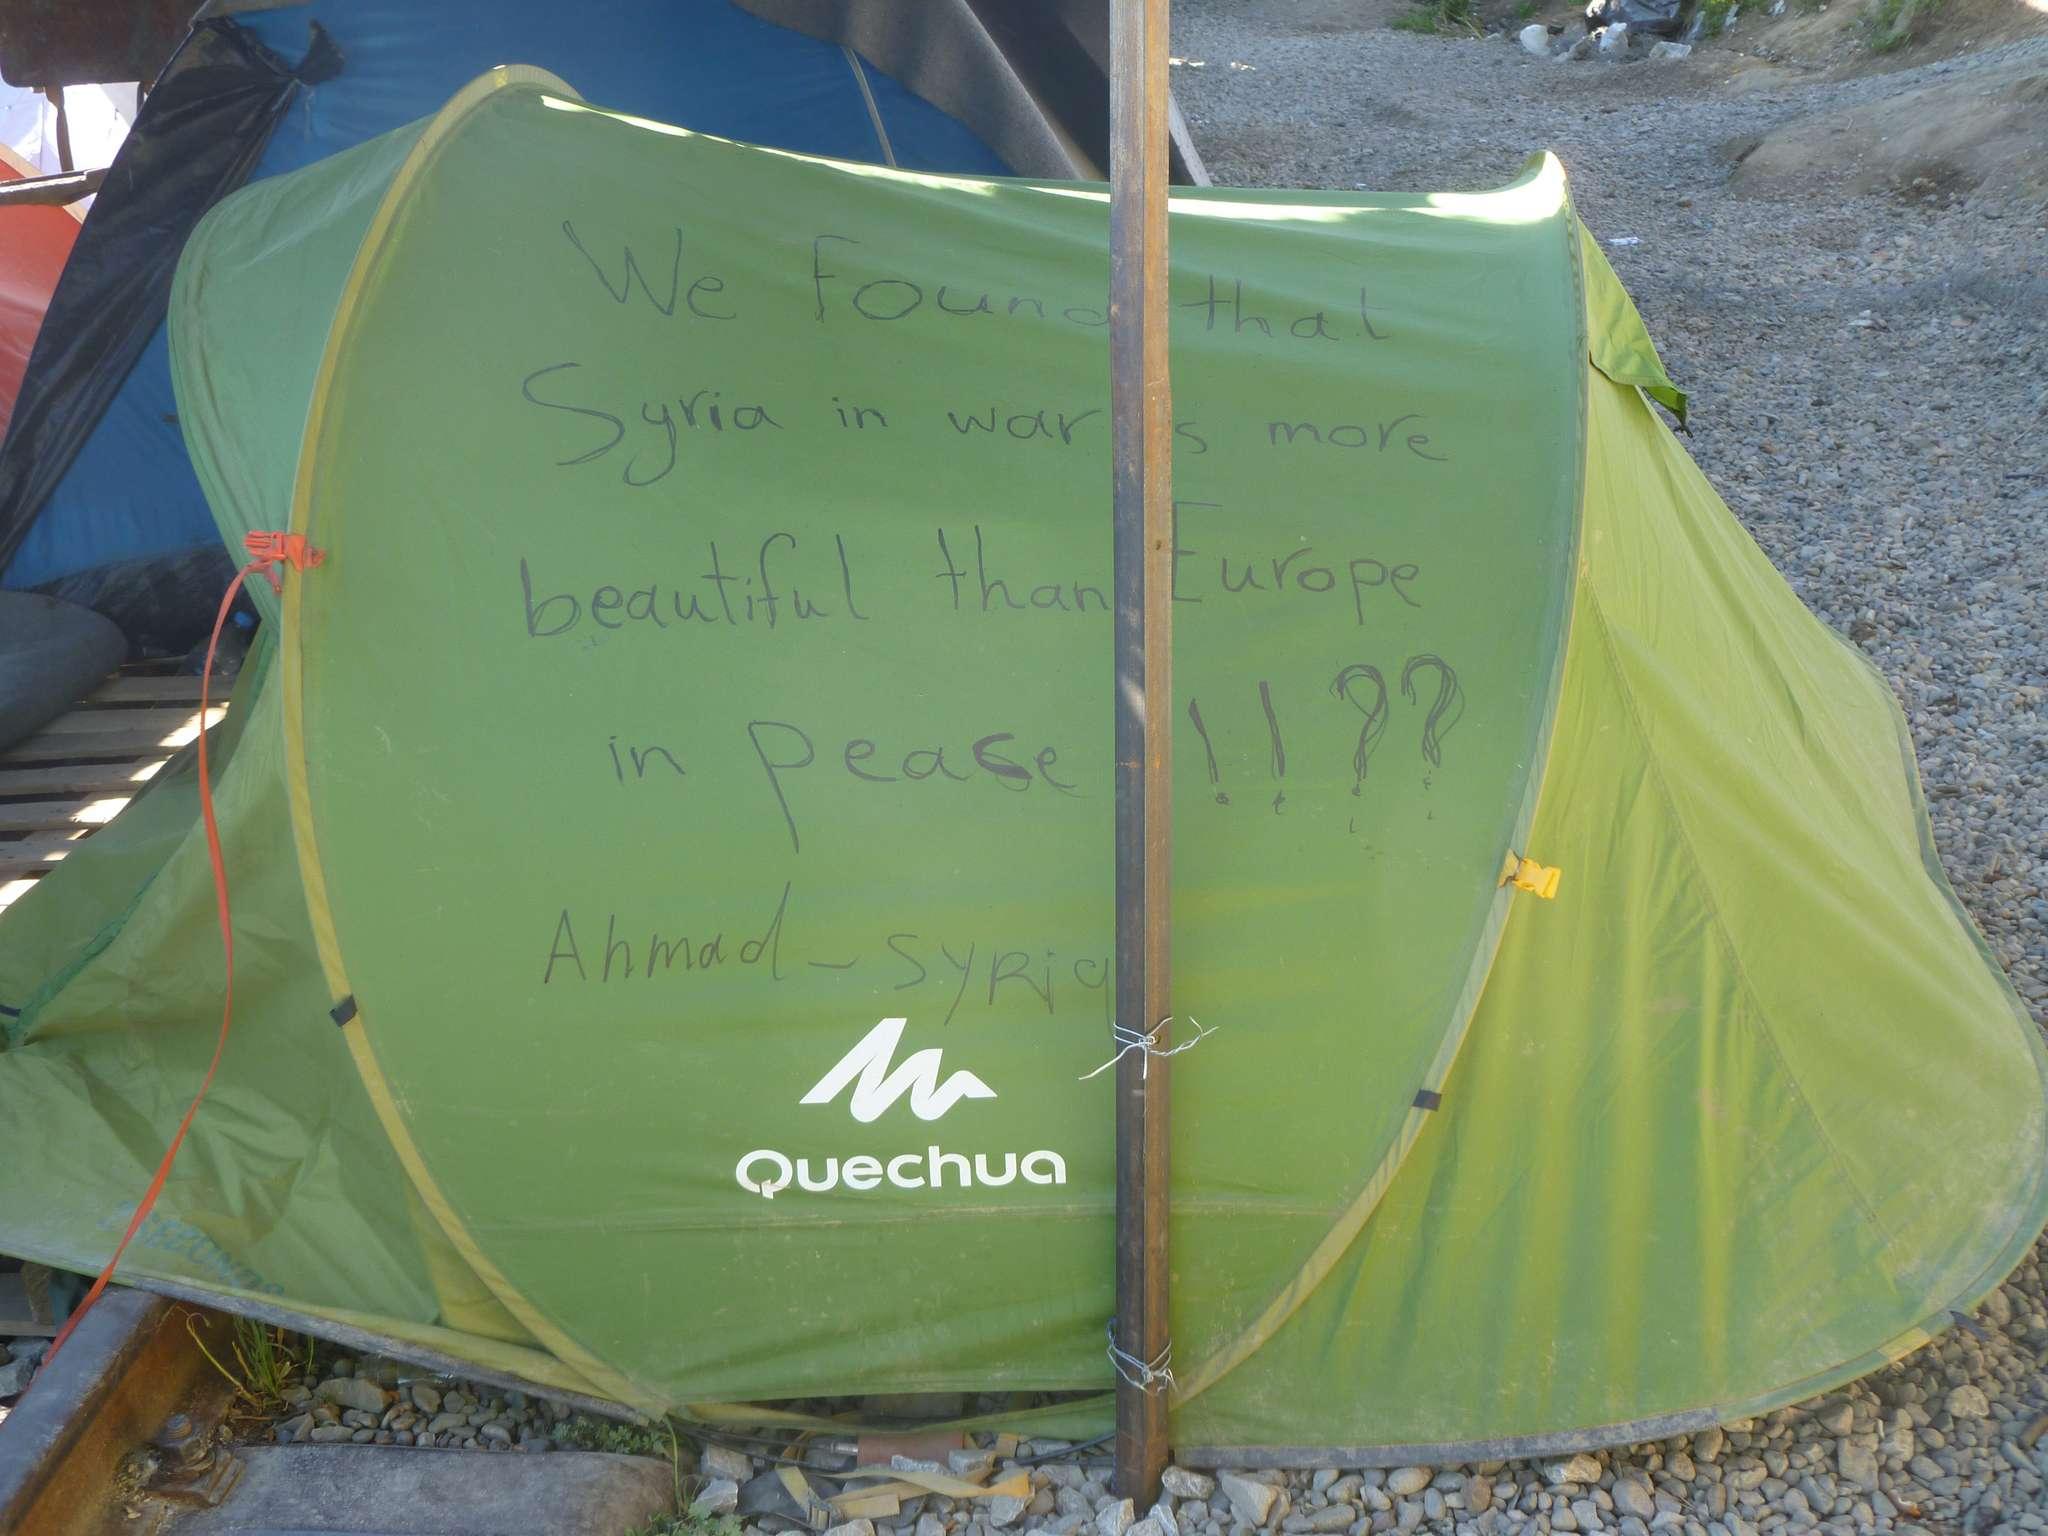 refugiados-denuncia-social-p1040913